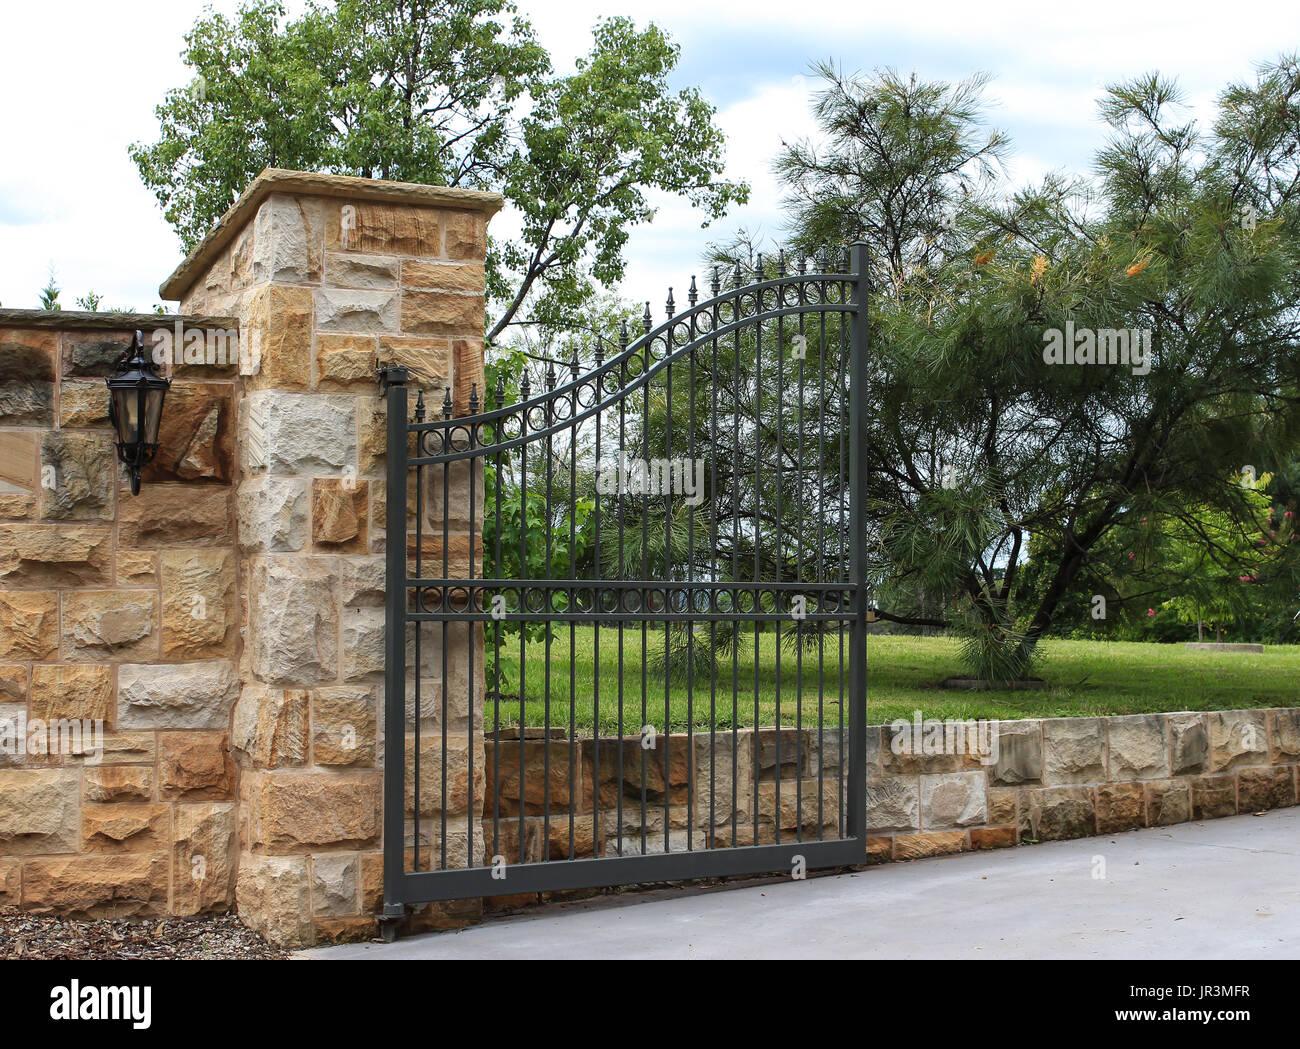 Mattoni Per Recinzione Giardino.Metallo Nero Carraio Cancello Di Ingresso Impostato In